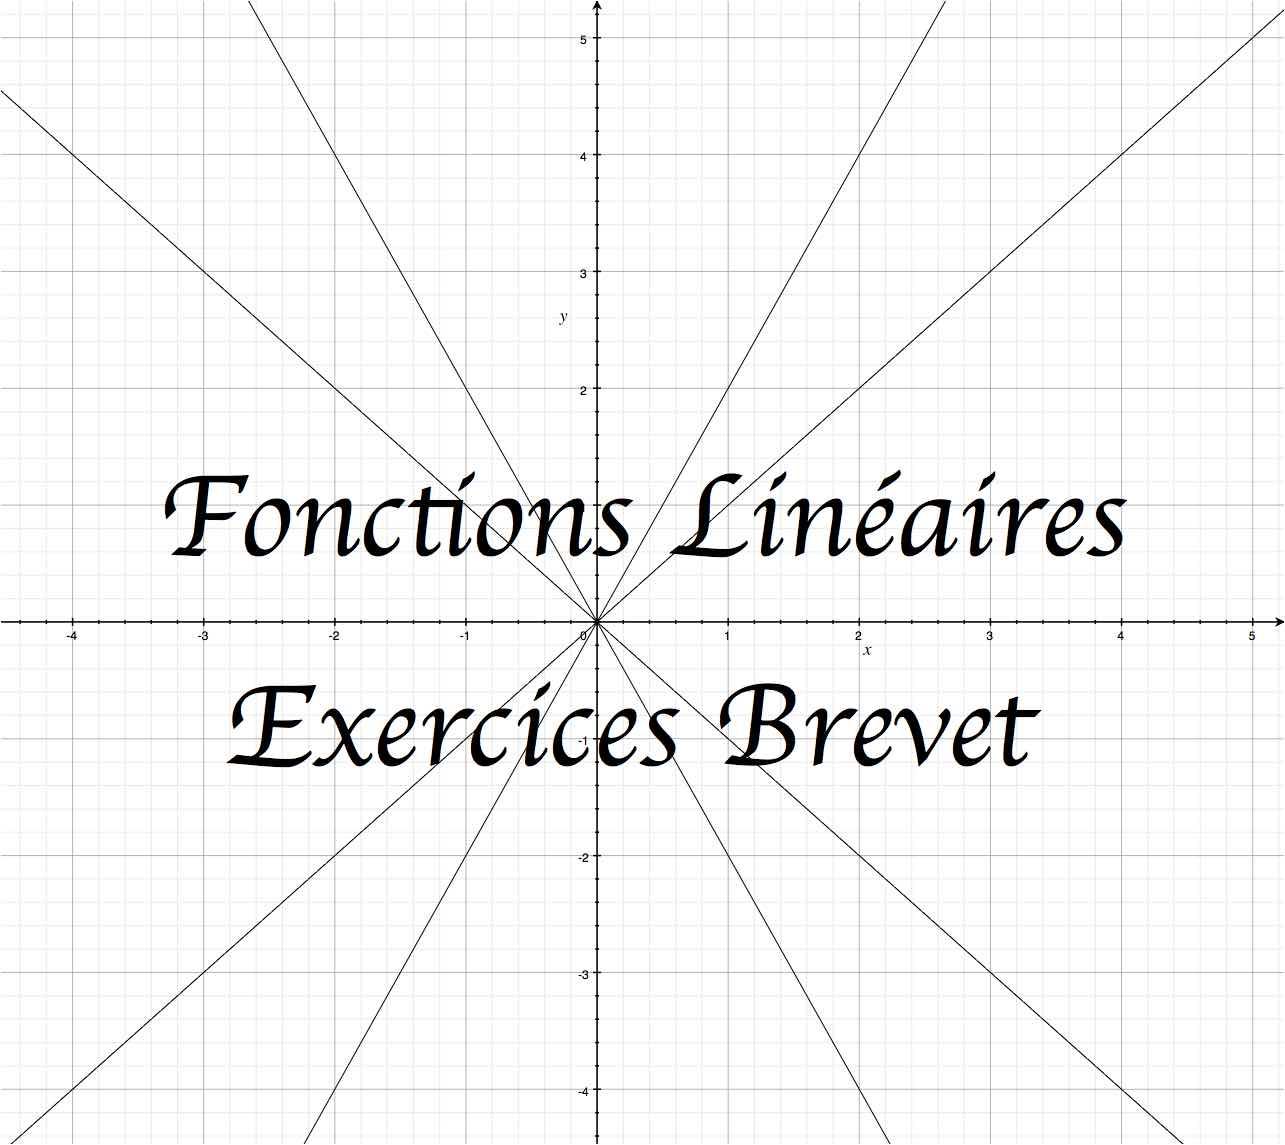 Exercices corrigés exclusifs sur les Fonctions linéaires !